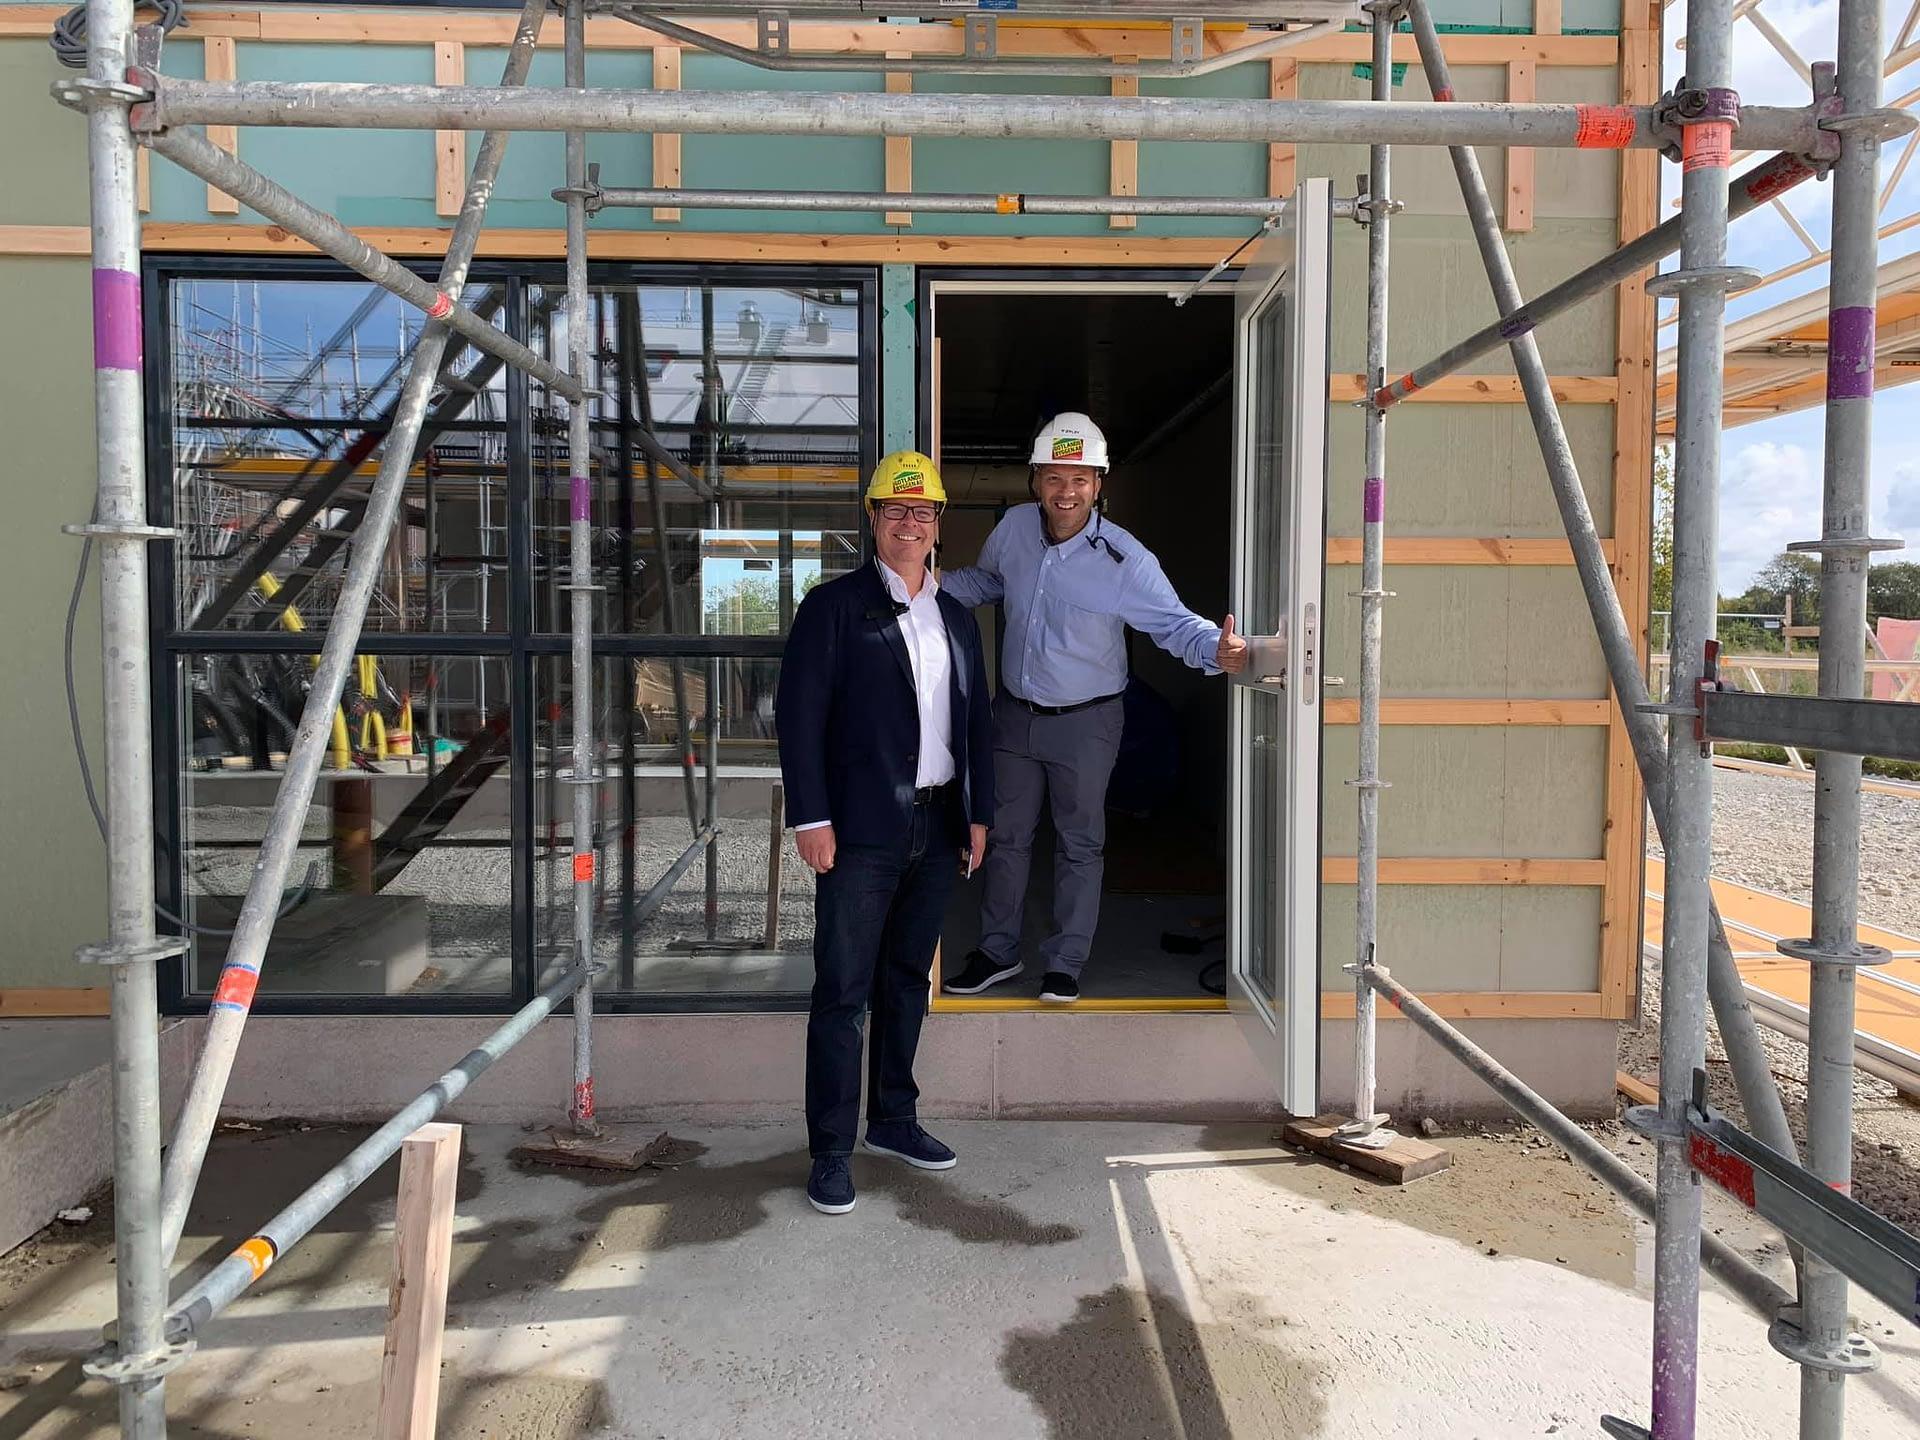 Robert och Mattias besöker Signallottan där vi bygger 28 lägenheter. Det blir... 1